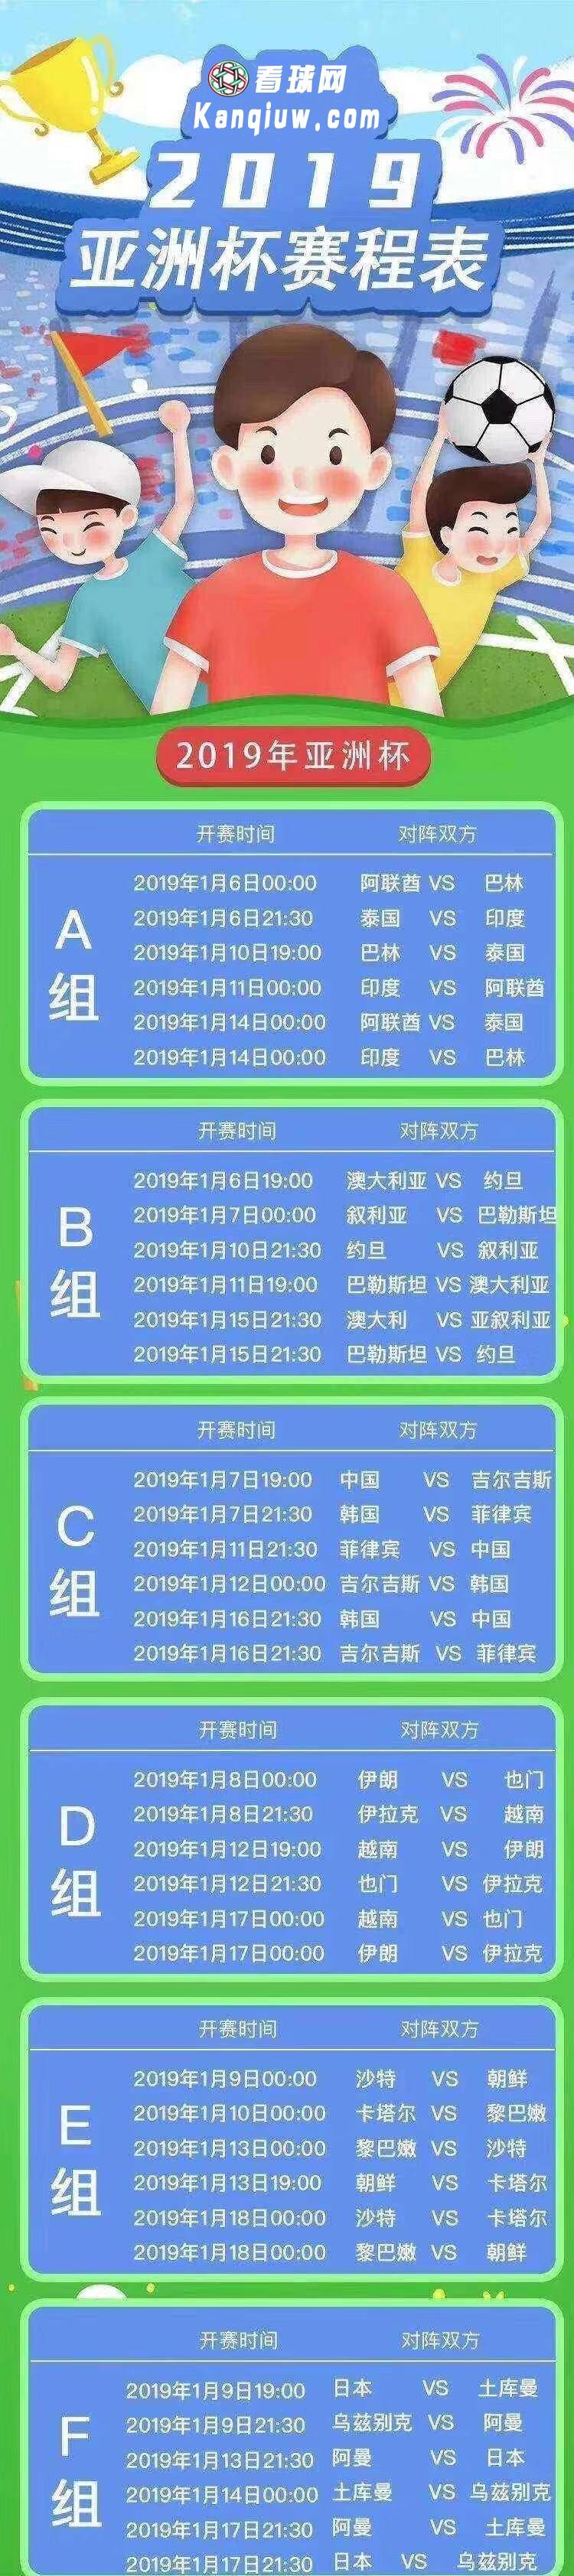 2019年亚洲杯小组赛分组及赛程表安排